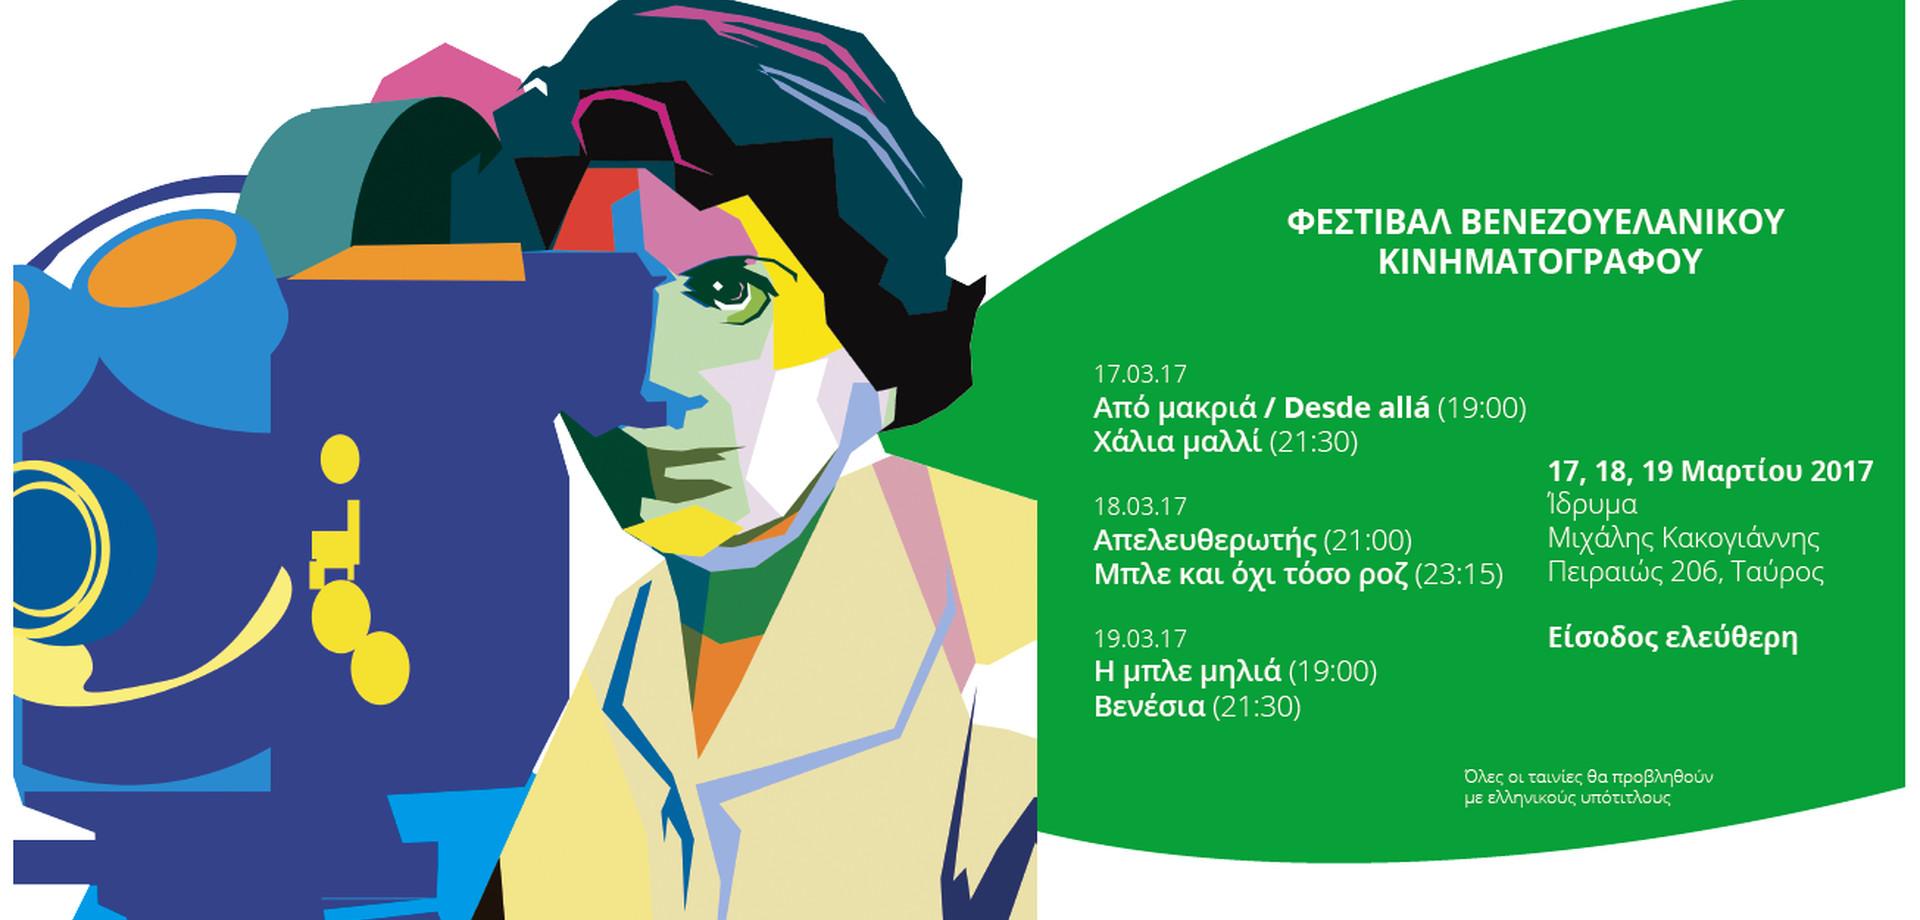 «Φεστιβάλ Βενεζουελάνικου Κινηματογράφου στην Αθήνα» στο Ίδρυμα Μιχάλης Κακογιάννης